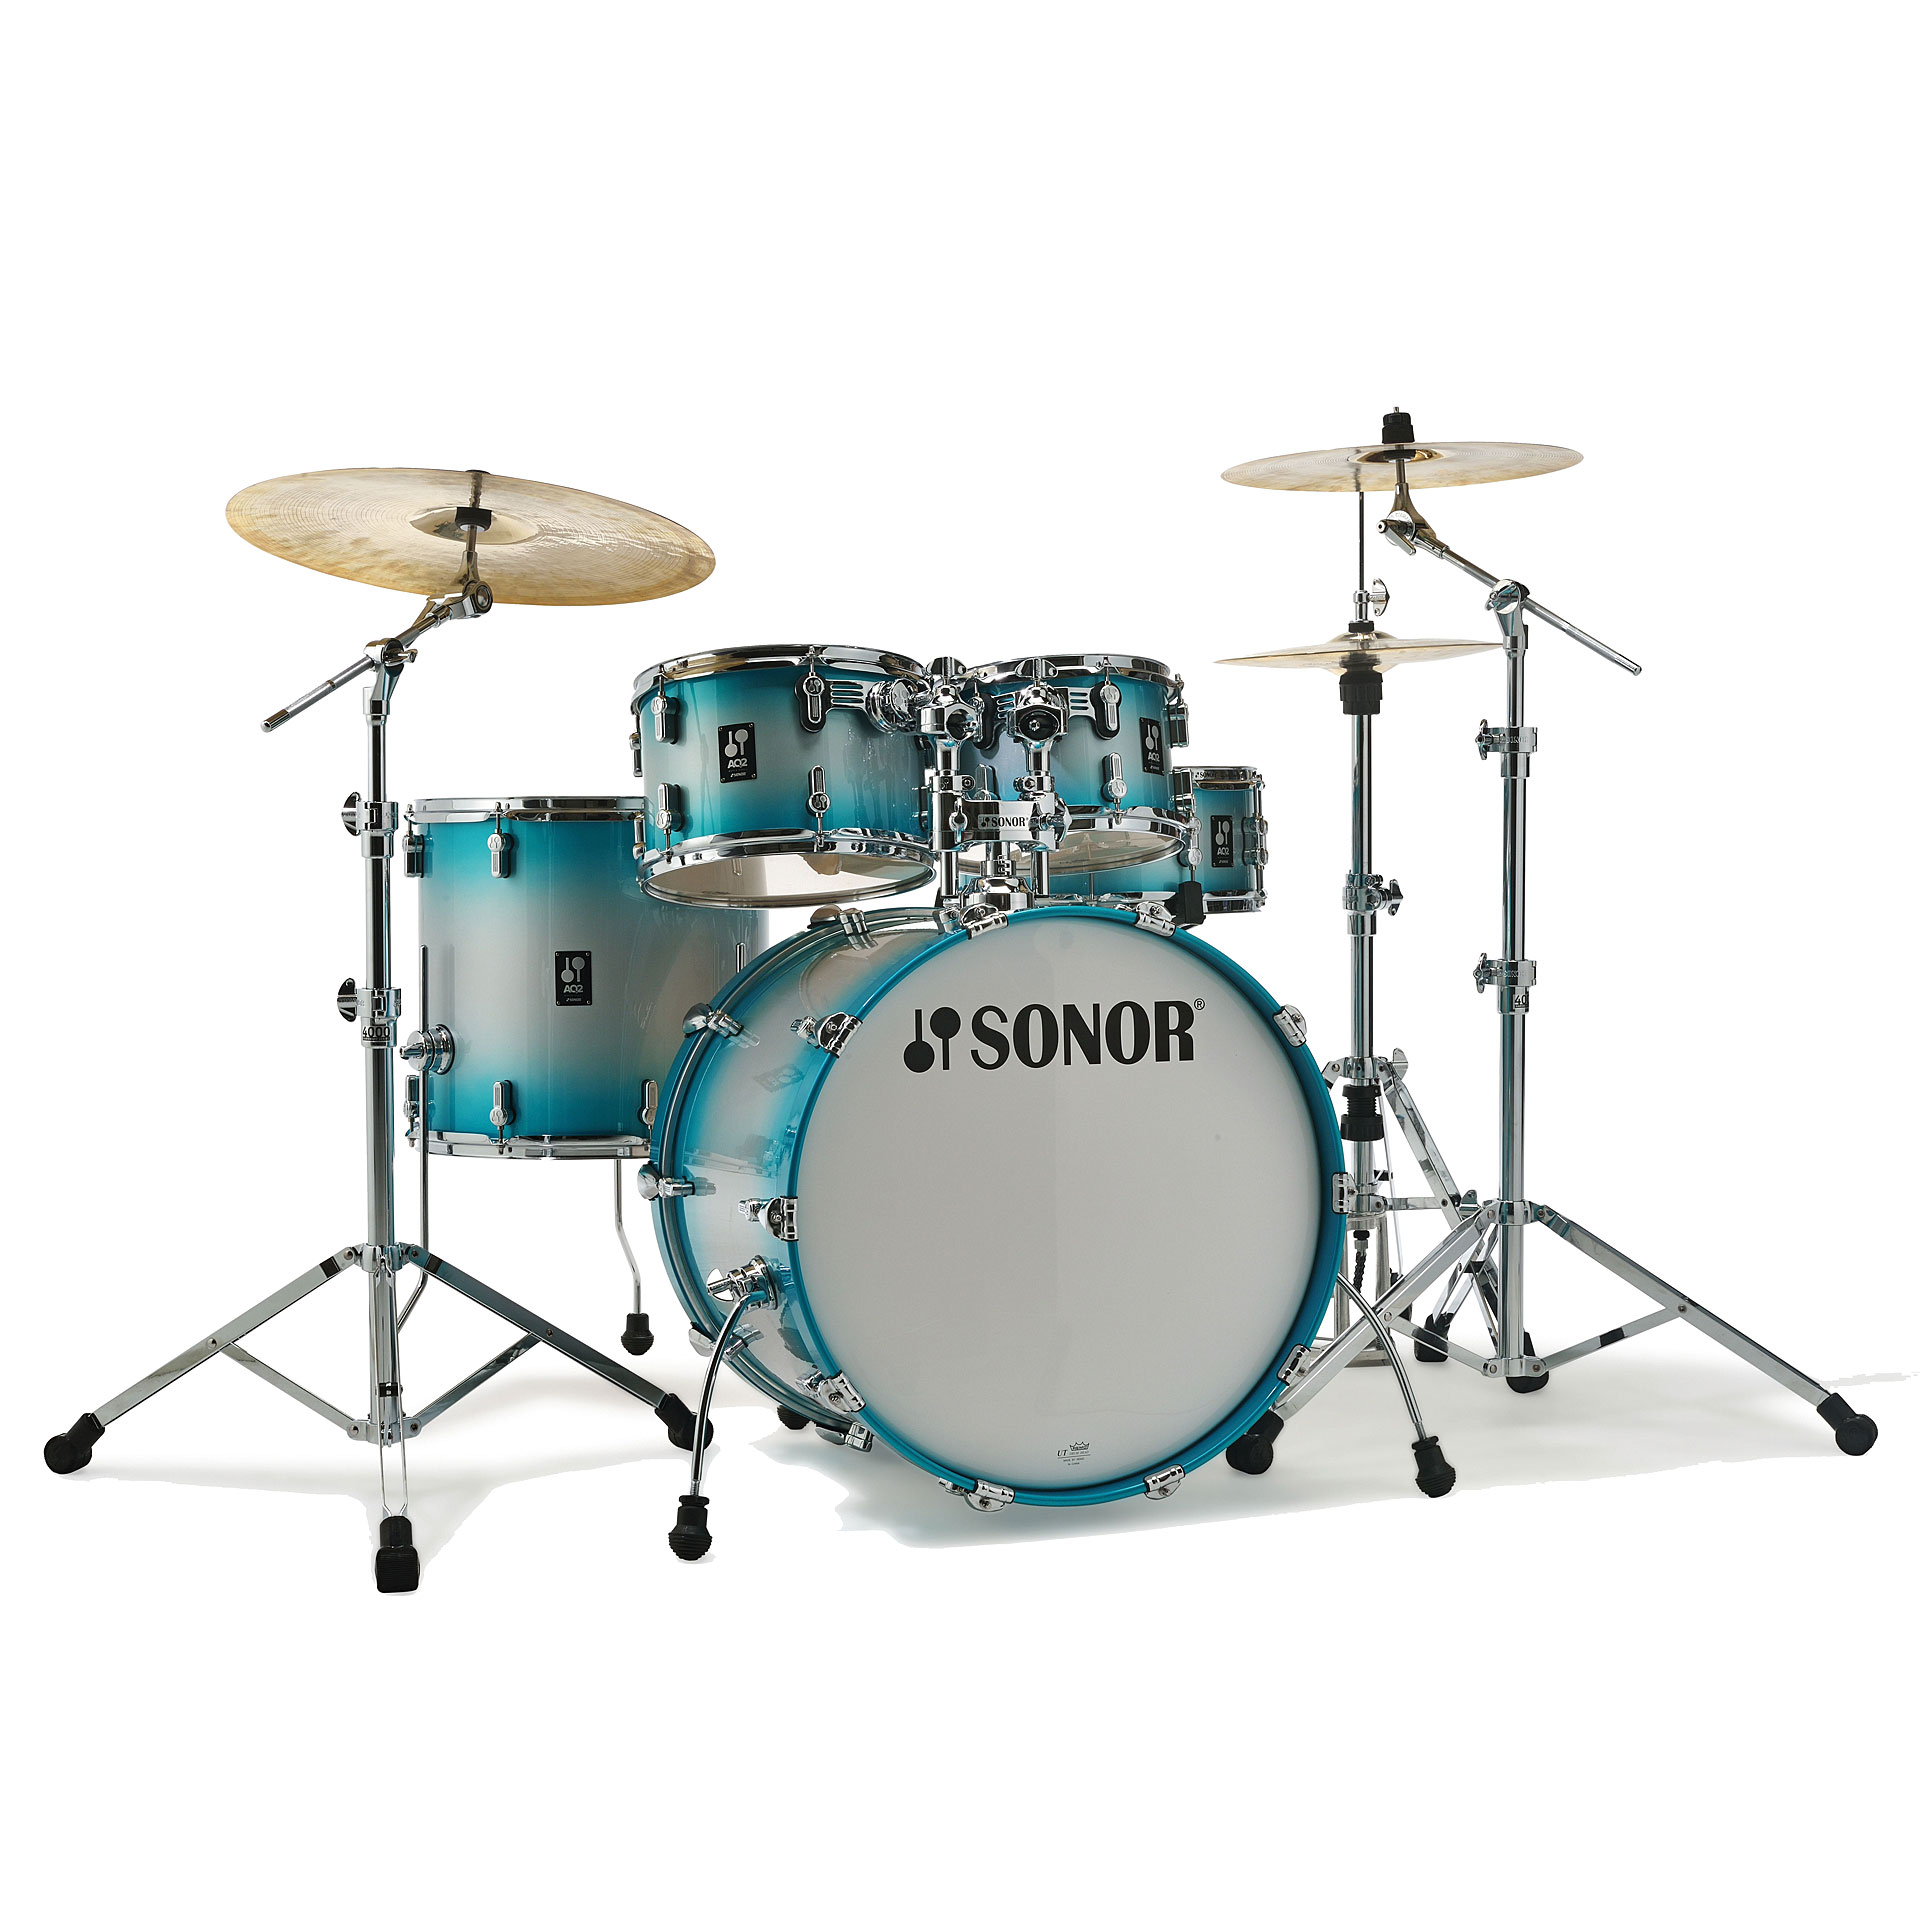 Sonor Aq2 20 Quot Aqua Silver Burst Studio Drumset 171 Drum Kit